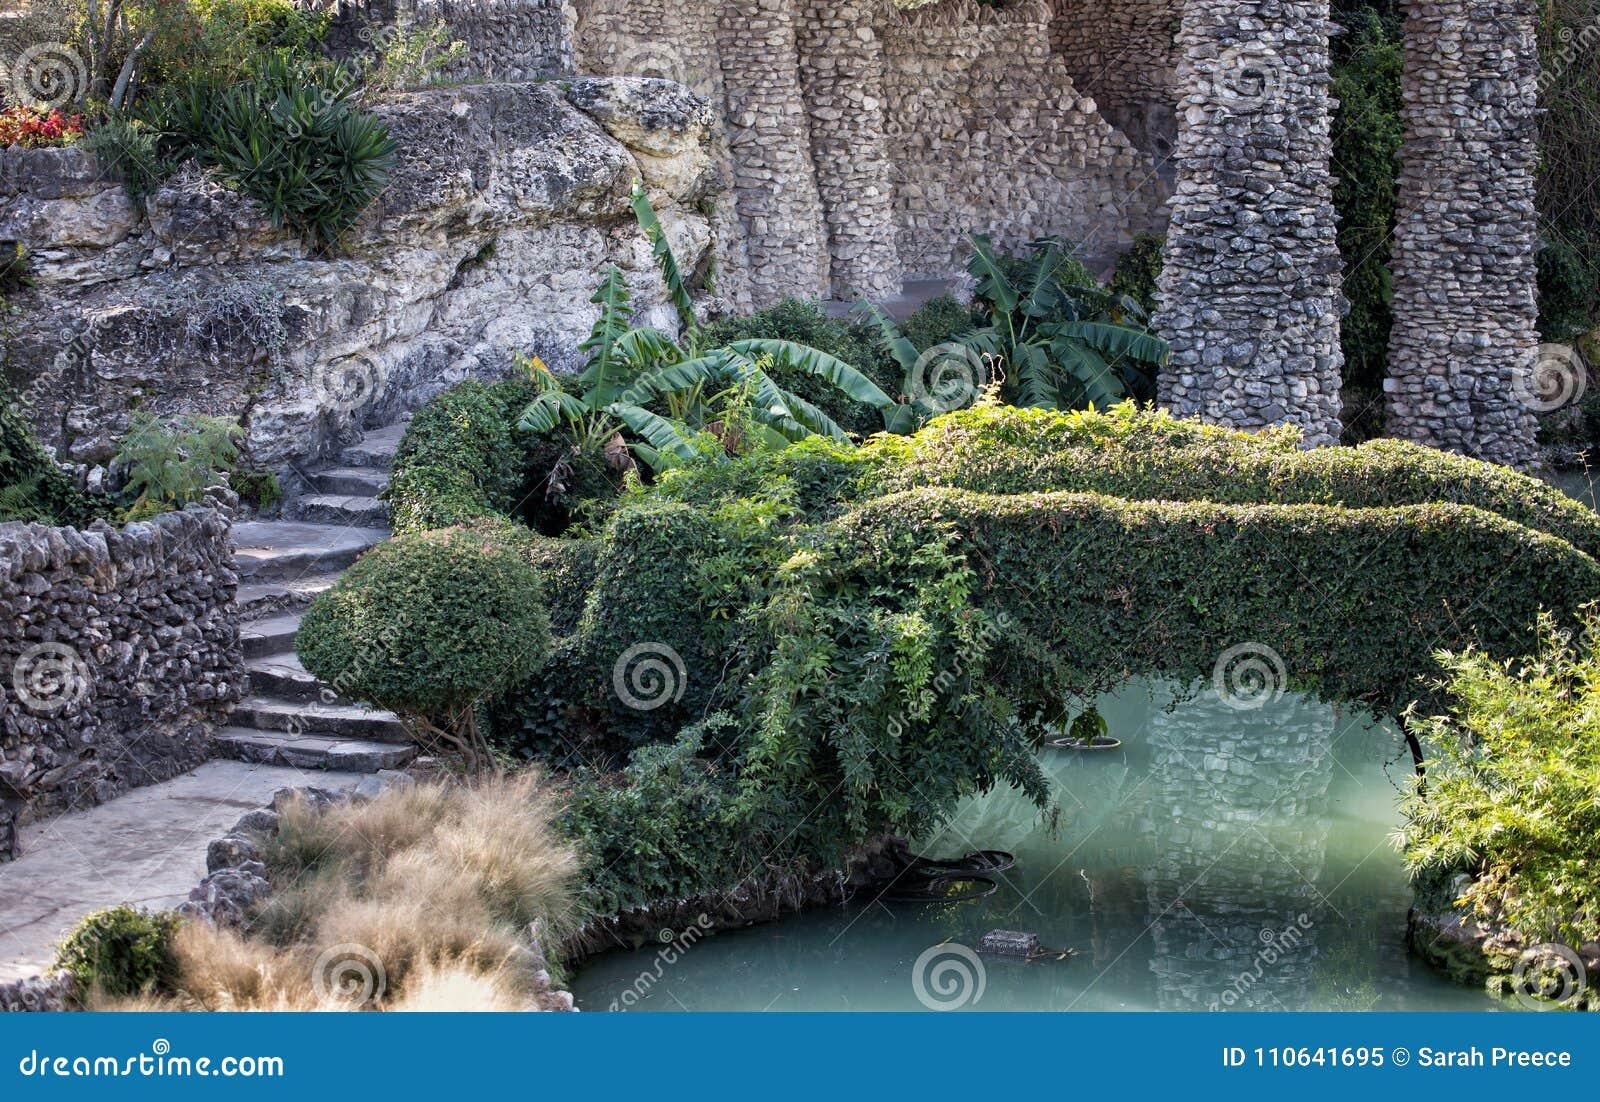 Giardino di pietra lungo lo stagno immagine stock immagine di